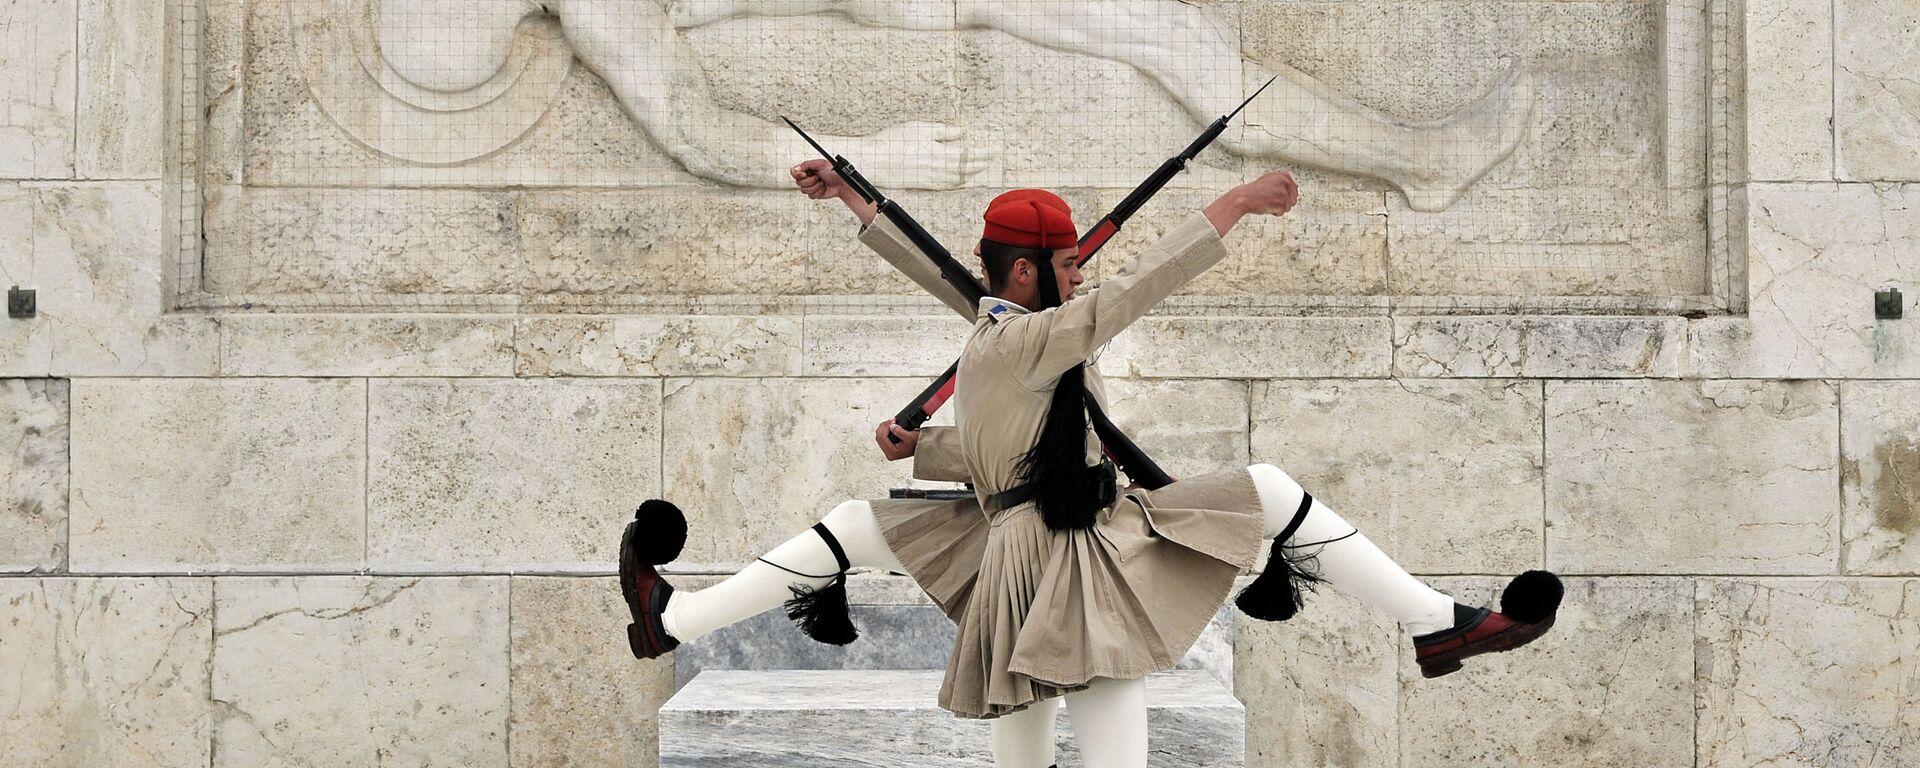 Эвзоны - Президентская гвардия, которая несет почетный караул у Могилы неизвестного солдата и охраняет Президентский дворец в Афинах - Sputnik Česká republika, 1920, 30.07.2021